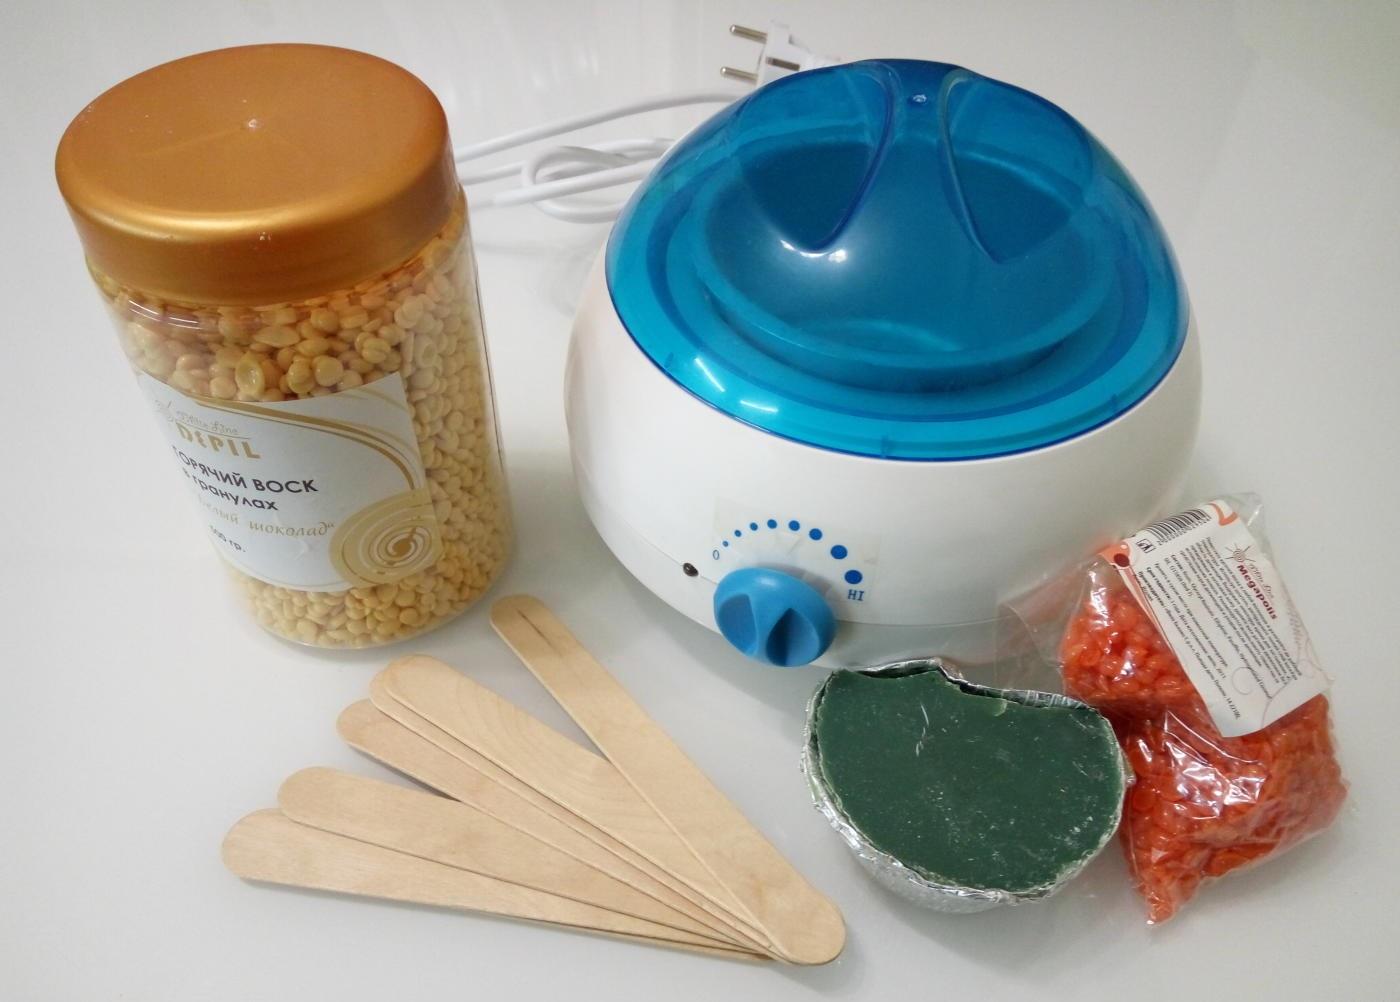 Готовые гранулы воска и приспособления для приготовления субстанции